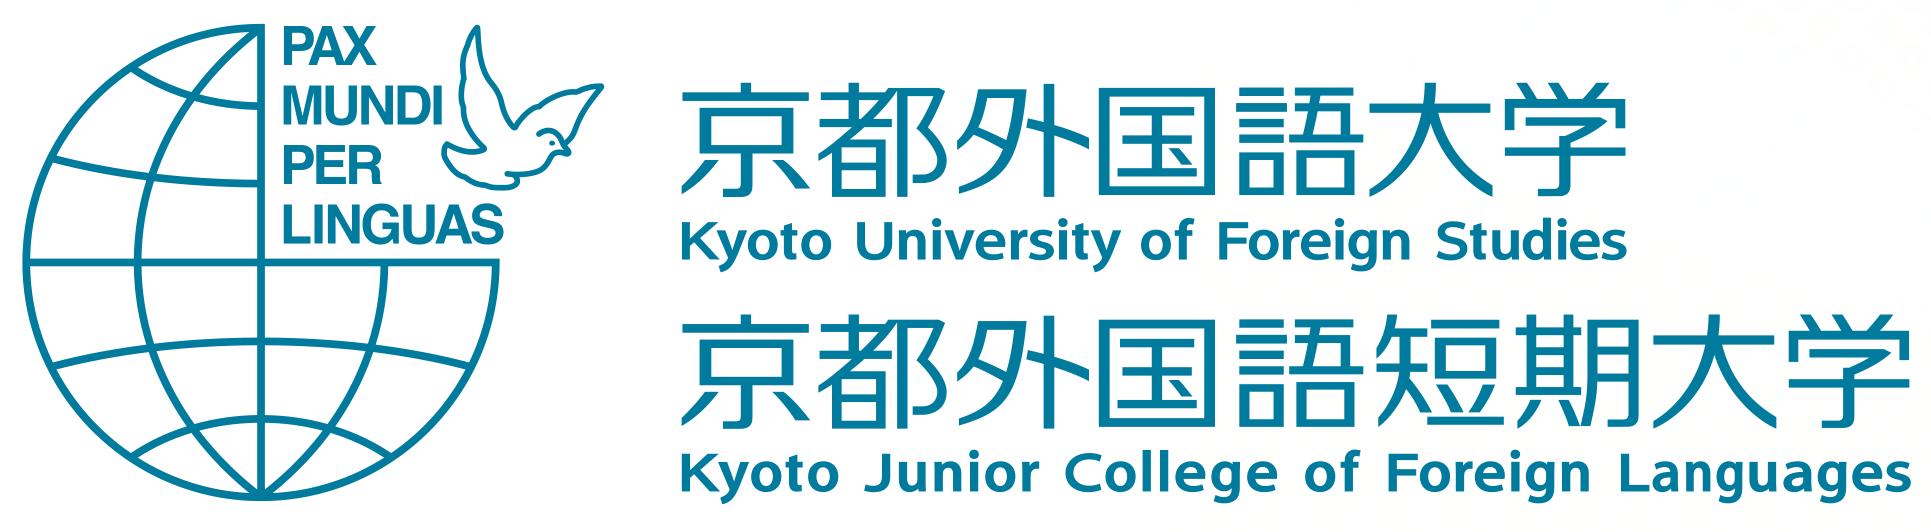 京都外国語大学・京都外国語短期大学 公式